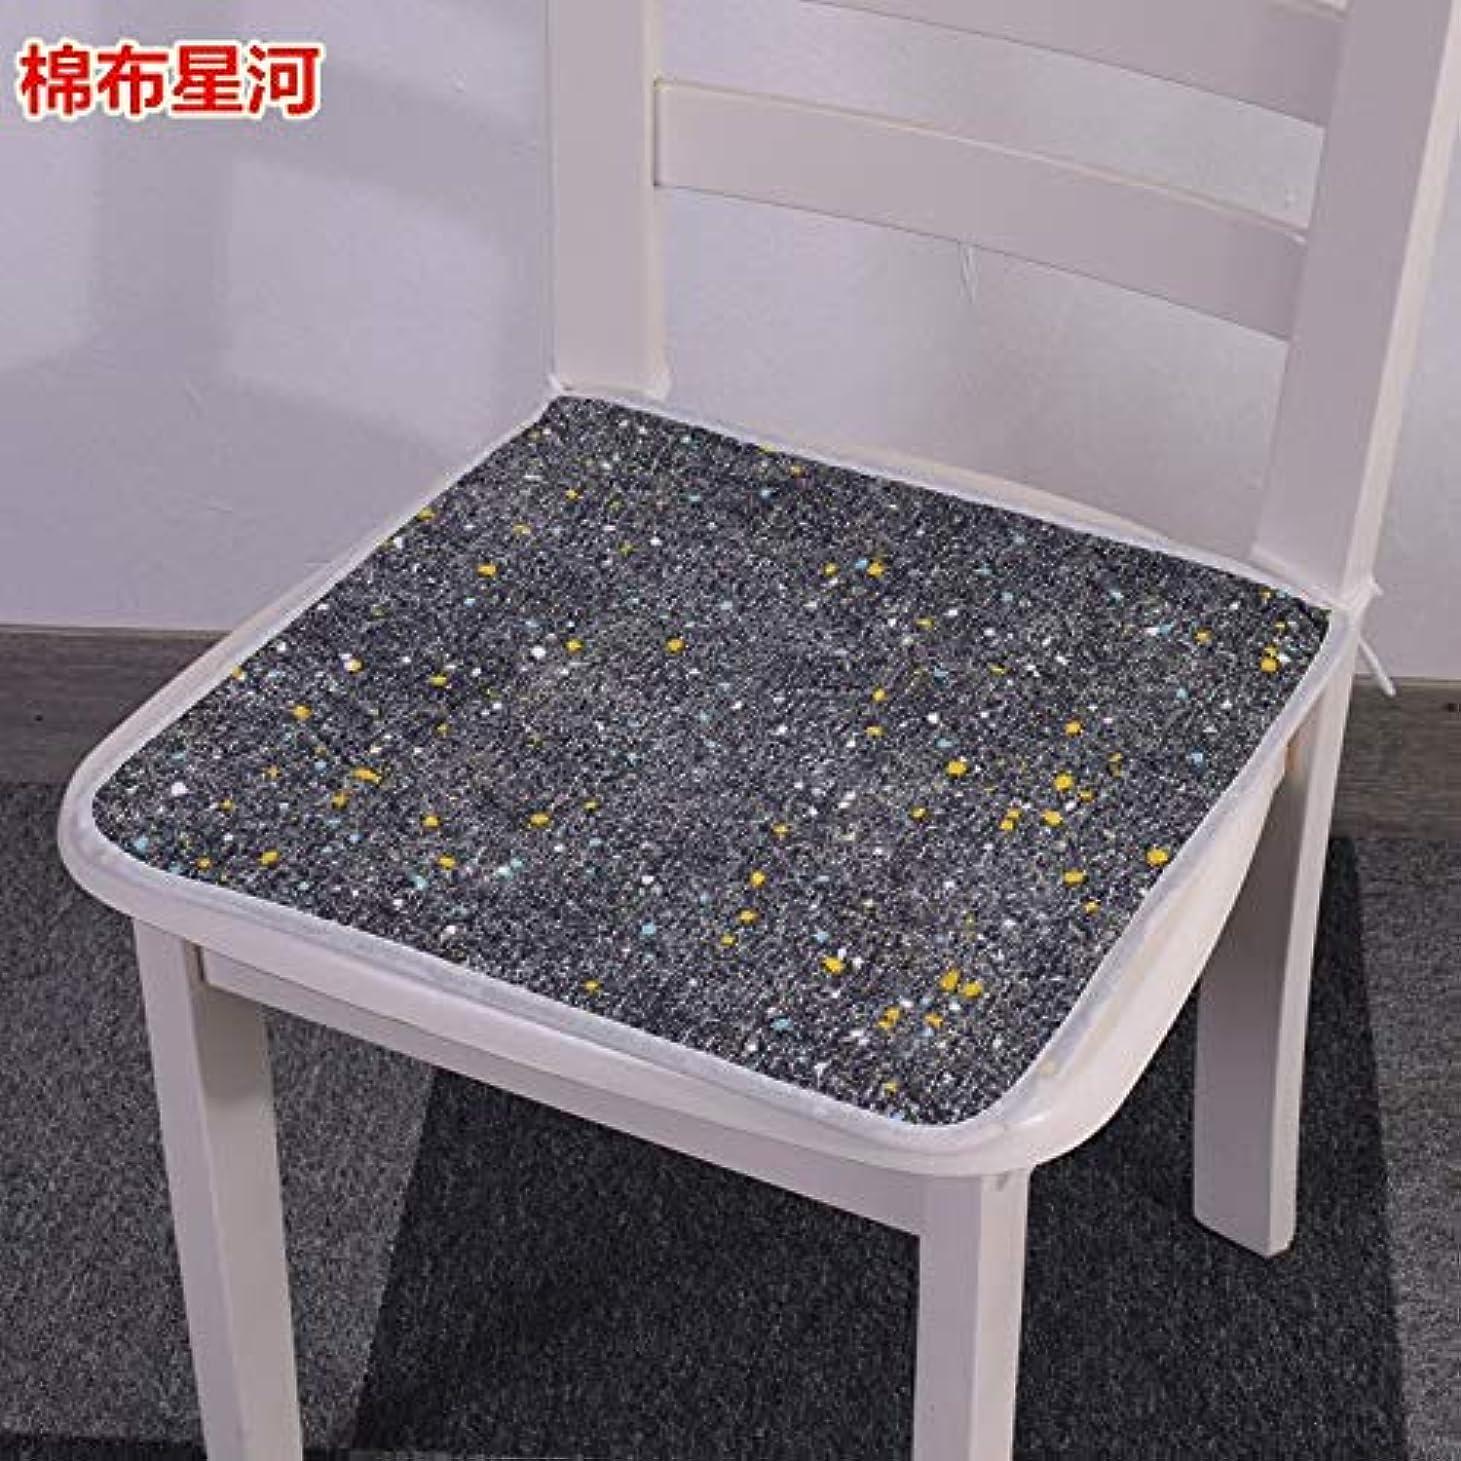 誇大妄想誇張するエネルギーLIFE 現代スーパーソフト椅子クッション非スリップシートクッションマットソファホームデコレーションバッククッションチェアパッド 40*40/45*45/50*50 センチメートル クッション 椅子